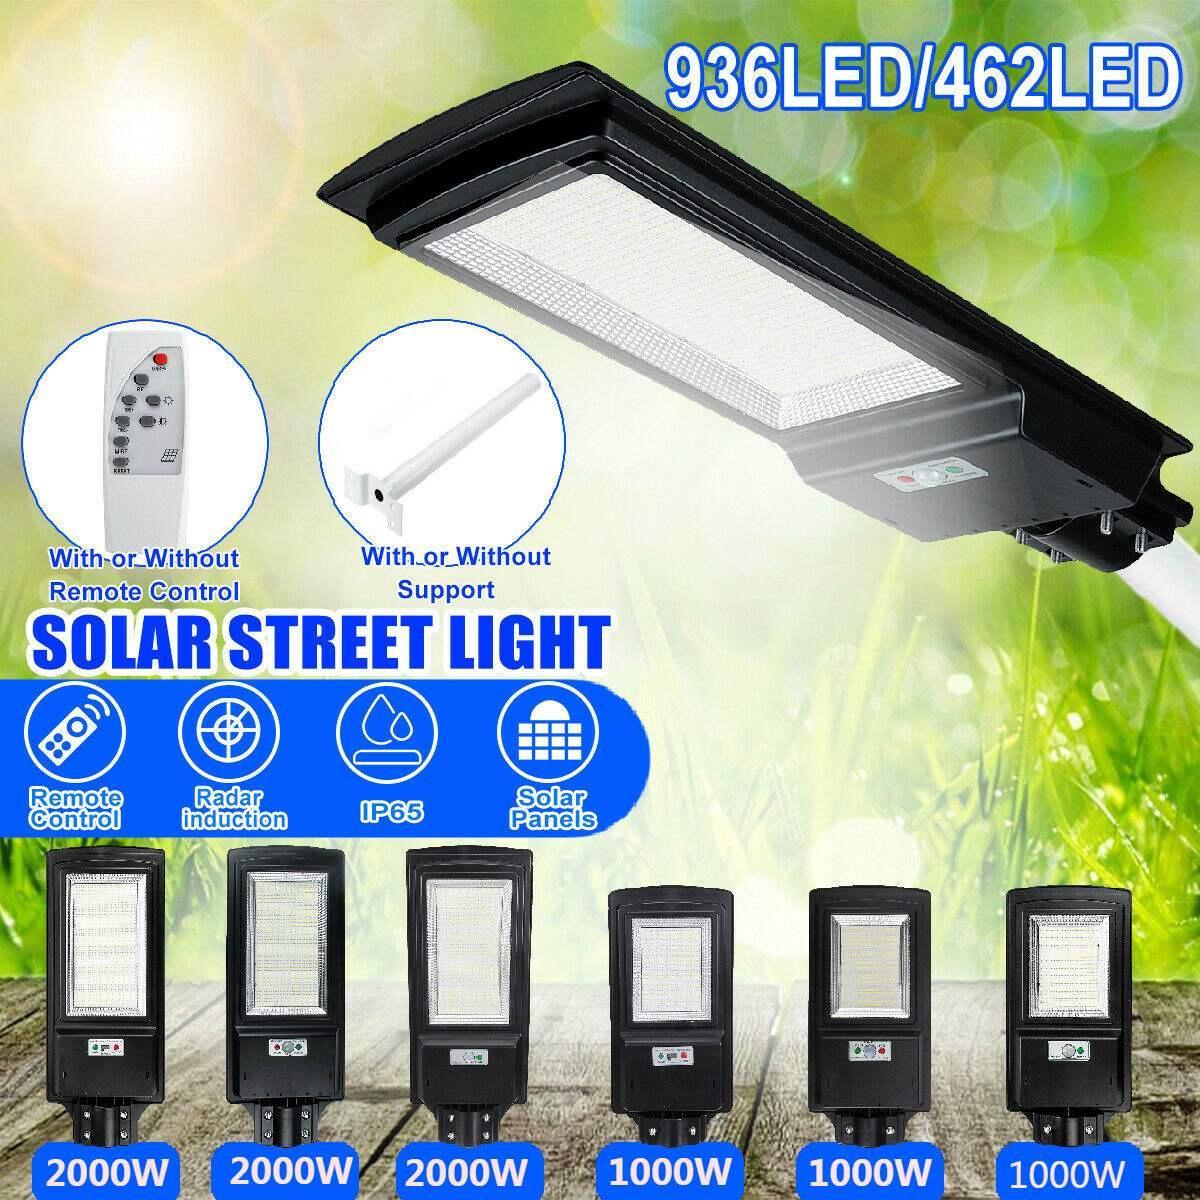 Lampadaire solaire LED 1000W 2000W IP65 8500K lumière Radar capteur de mouvement mur synchronisation lampe télécommande pour jardin en plein air